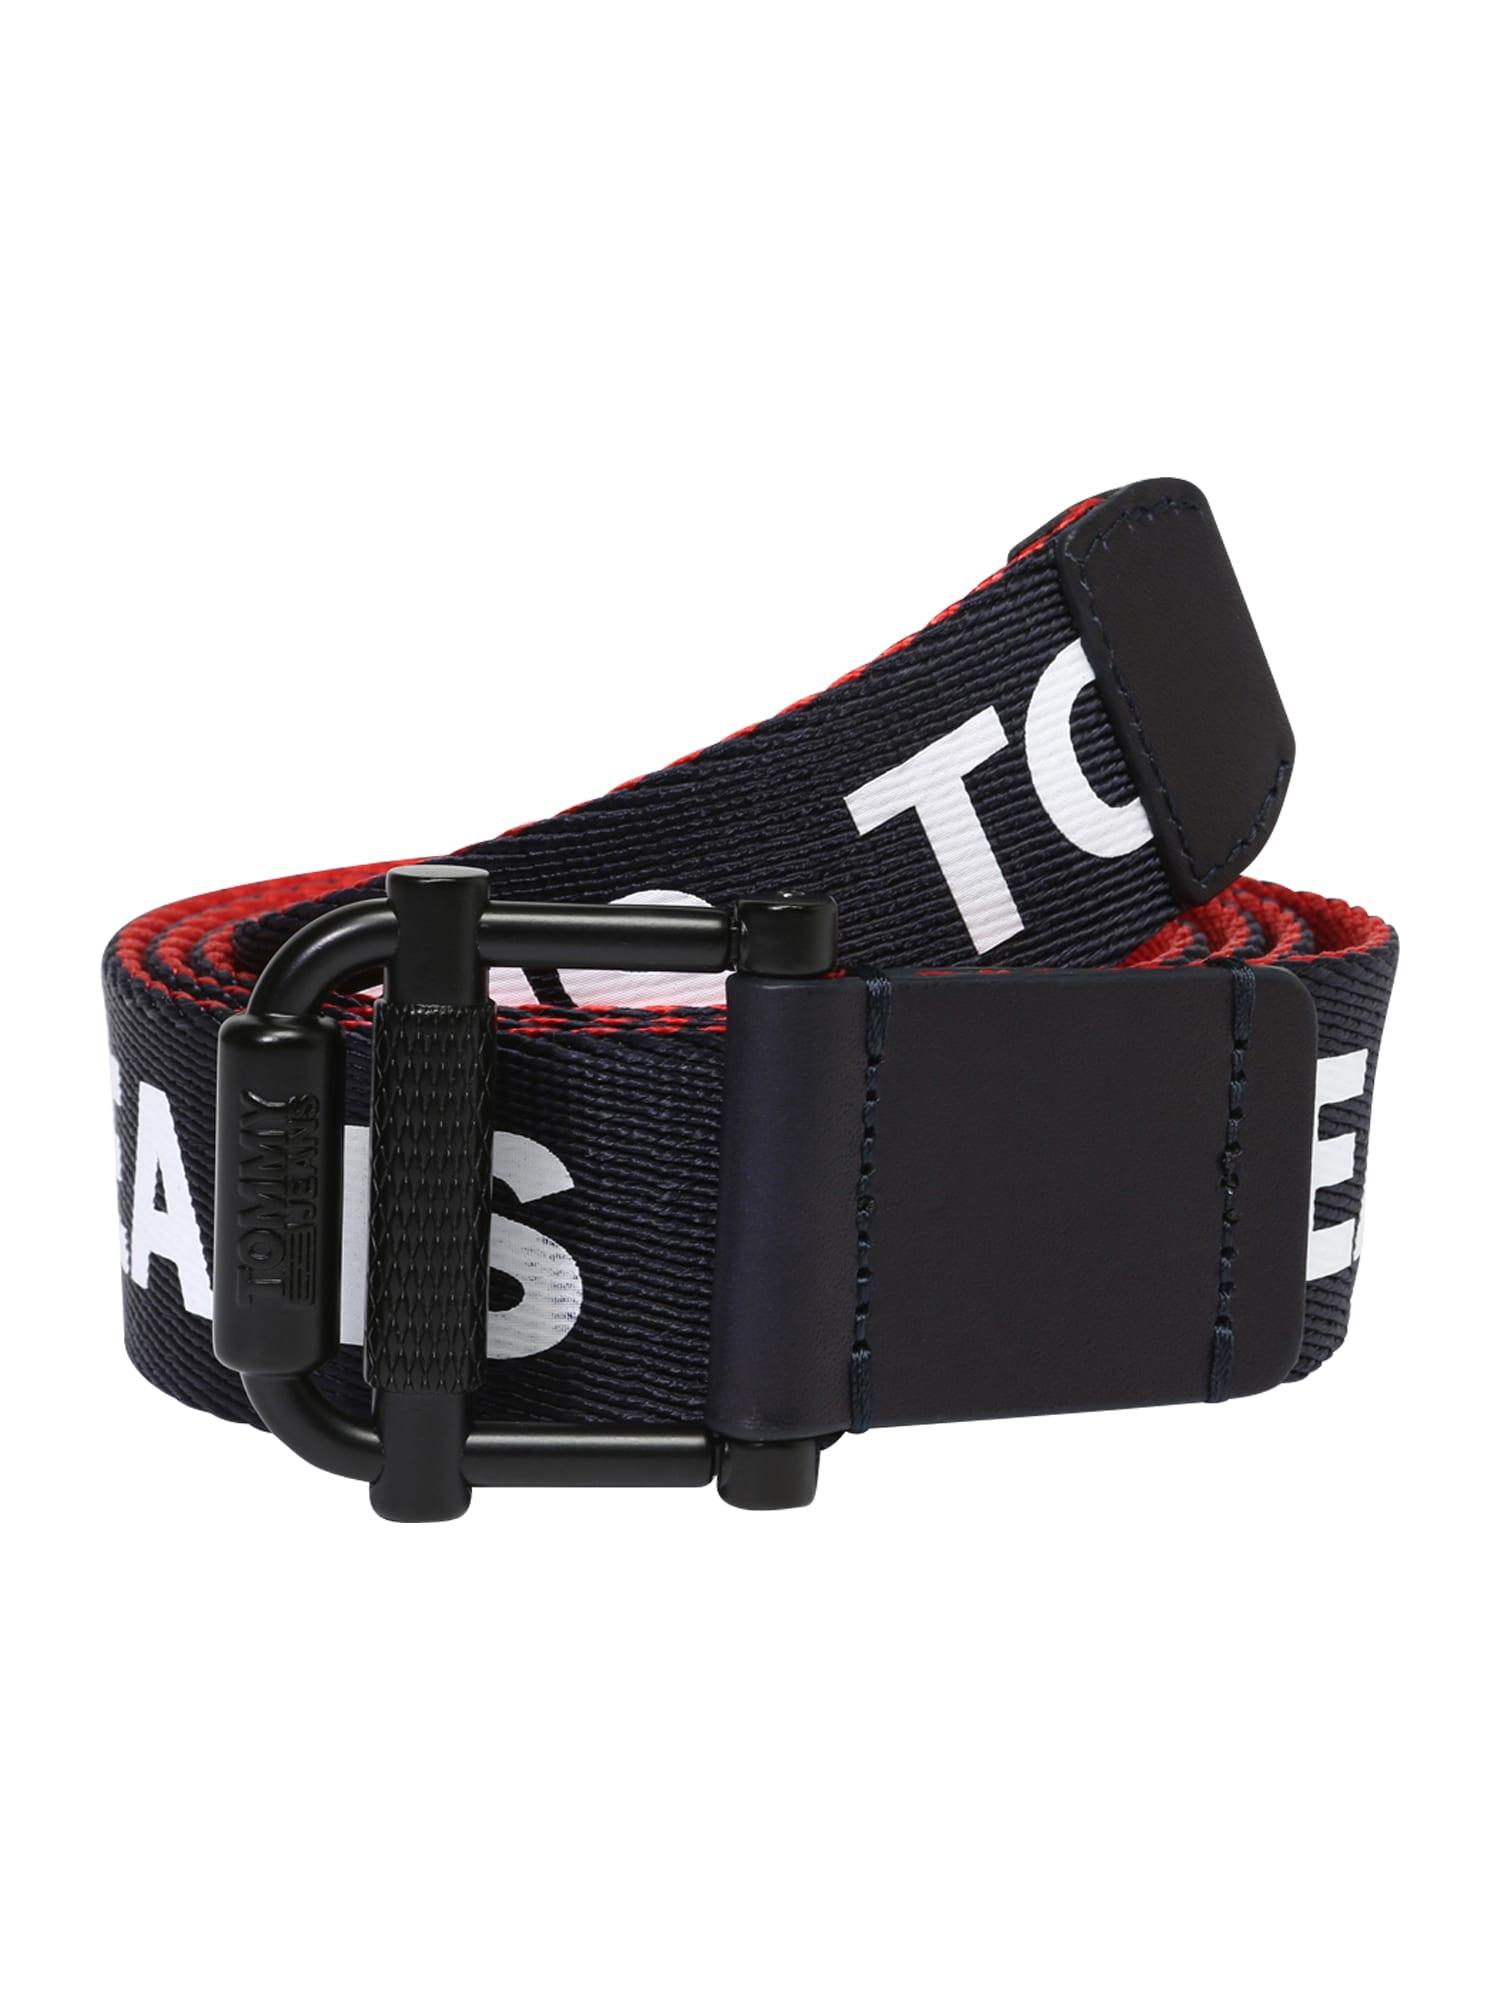 Opasek TJM Roller Webbing Belt 3.5 REV tmavě modrá červená bílá Tommy Jeans